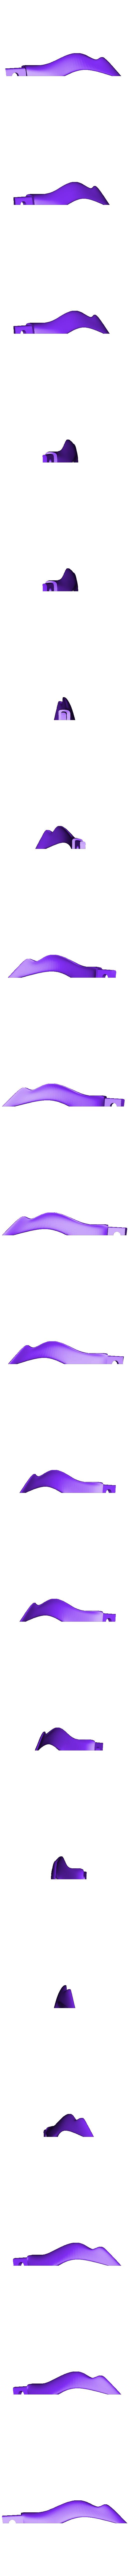 Dragon_MrkI_top_B.stl Télécharger fichier STL gratuit Superbes cadres quadruples à l'allure géniale • Plan pour impression 3D, Fastidious_Rex